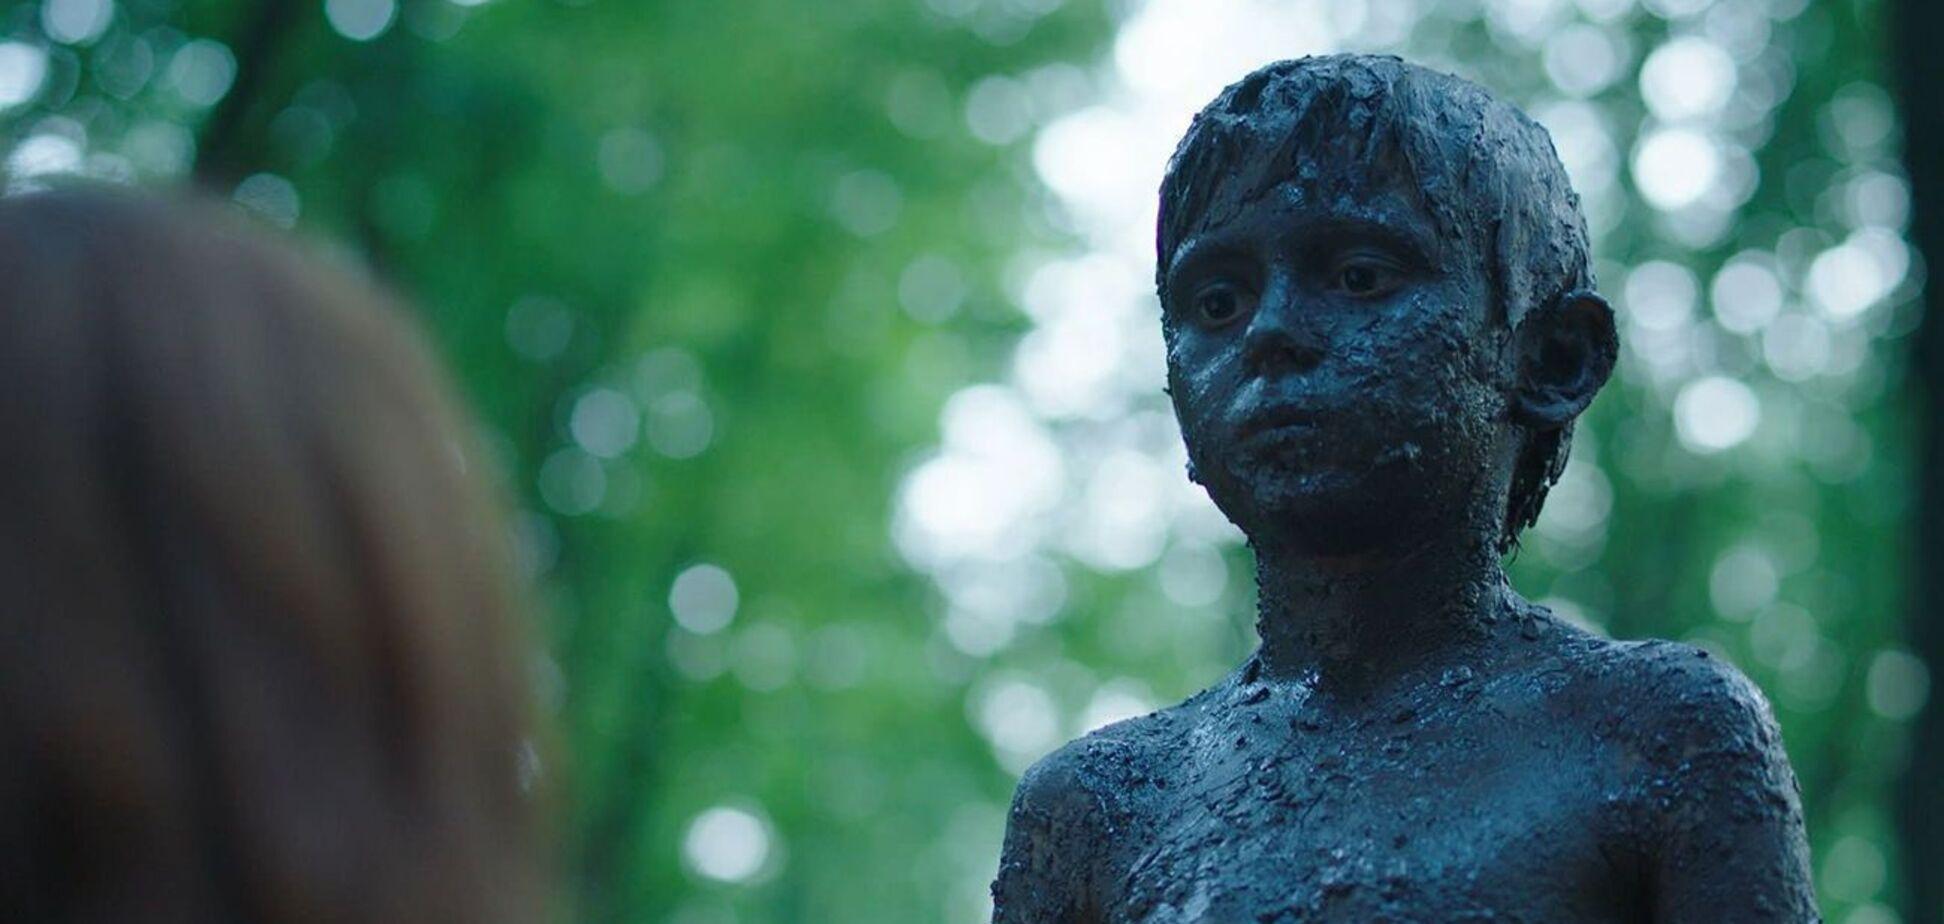 Украинский фильм 'Голем' попал в список самых страшных: что известно